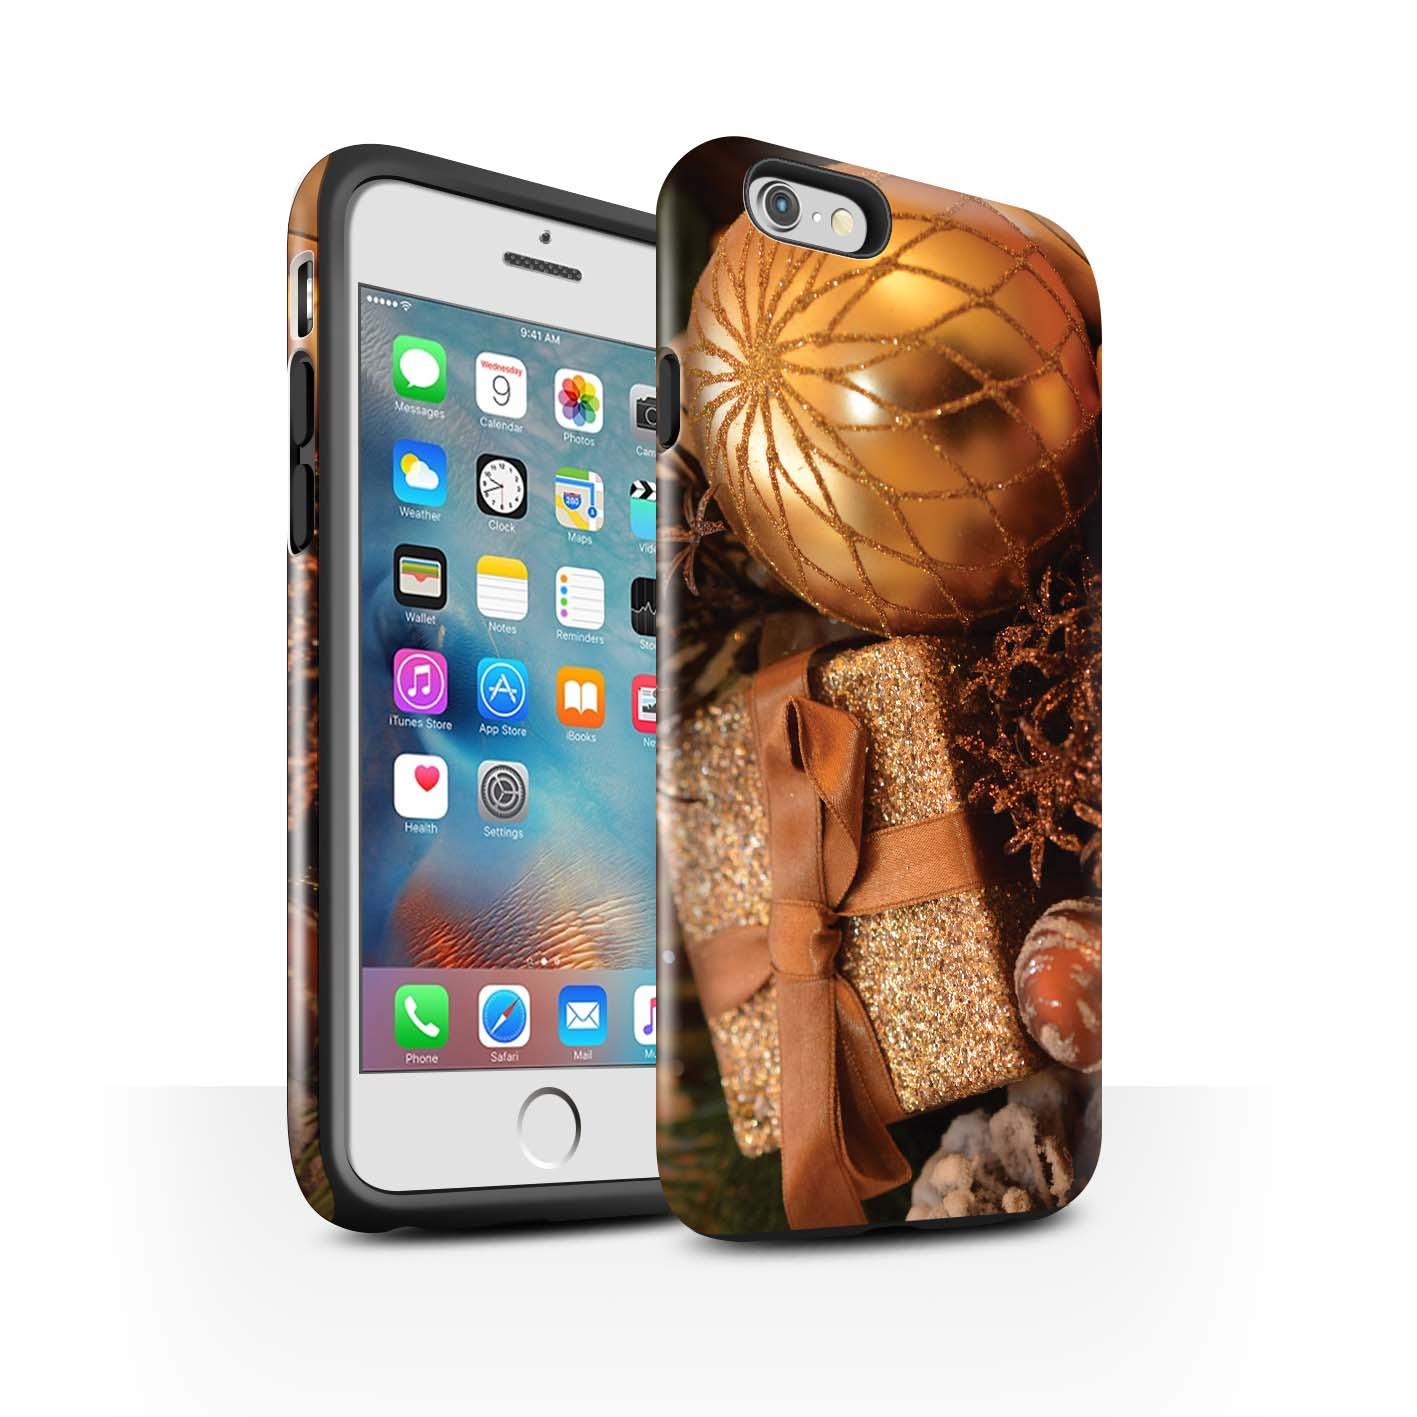 Robuste-Brillant-Antichoc-Etui-STUFF4-pour-Apple-iPhone-6S-Plus-Photo-de-Noel